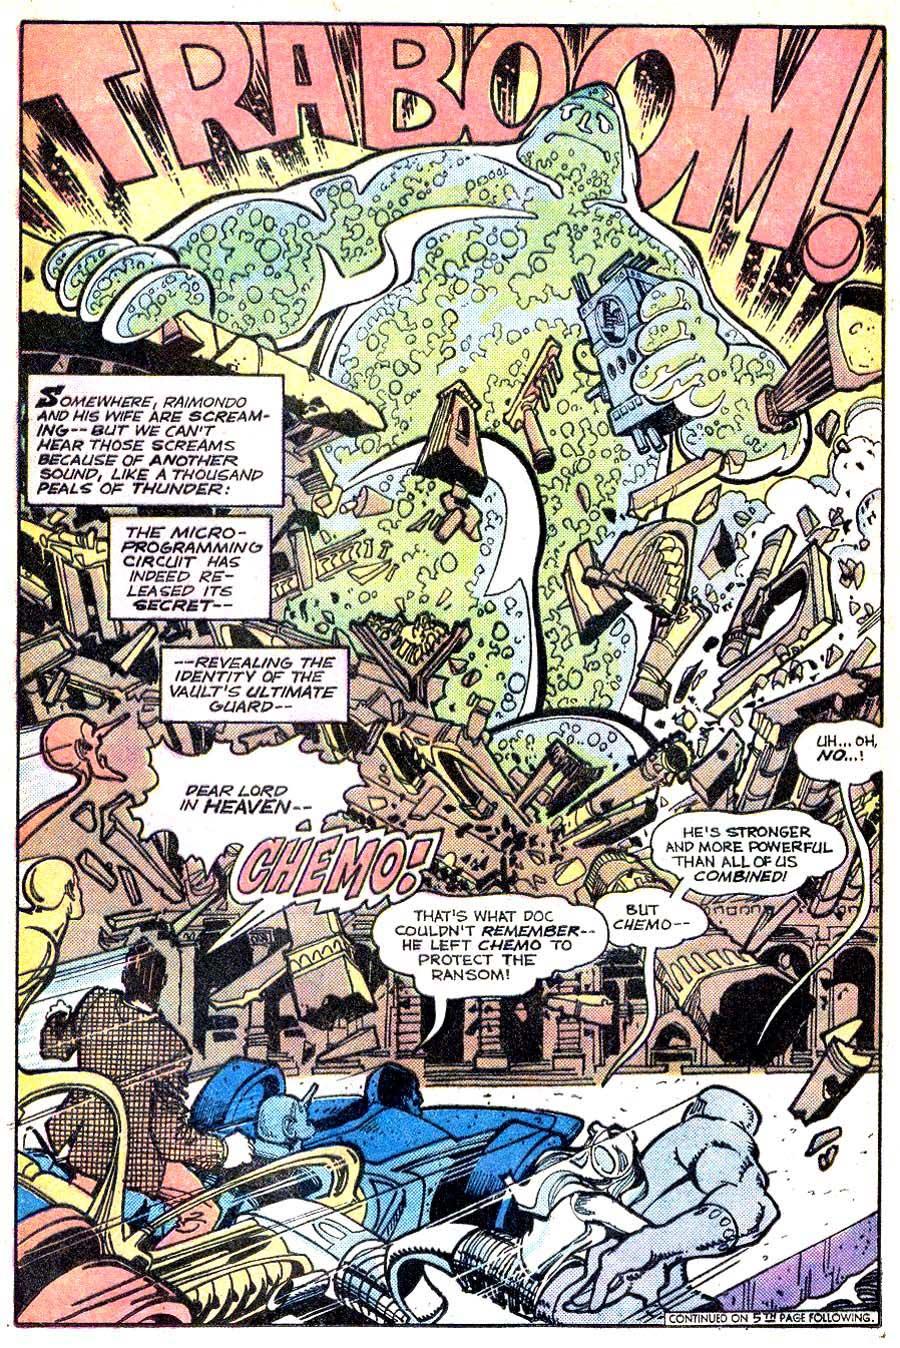 Metal Men v1 #46 dc 1970s bronze age comic book page art by Walt Simonson